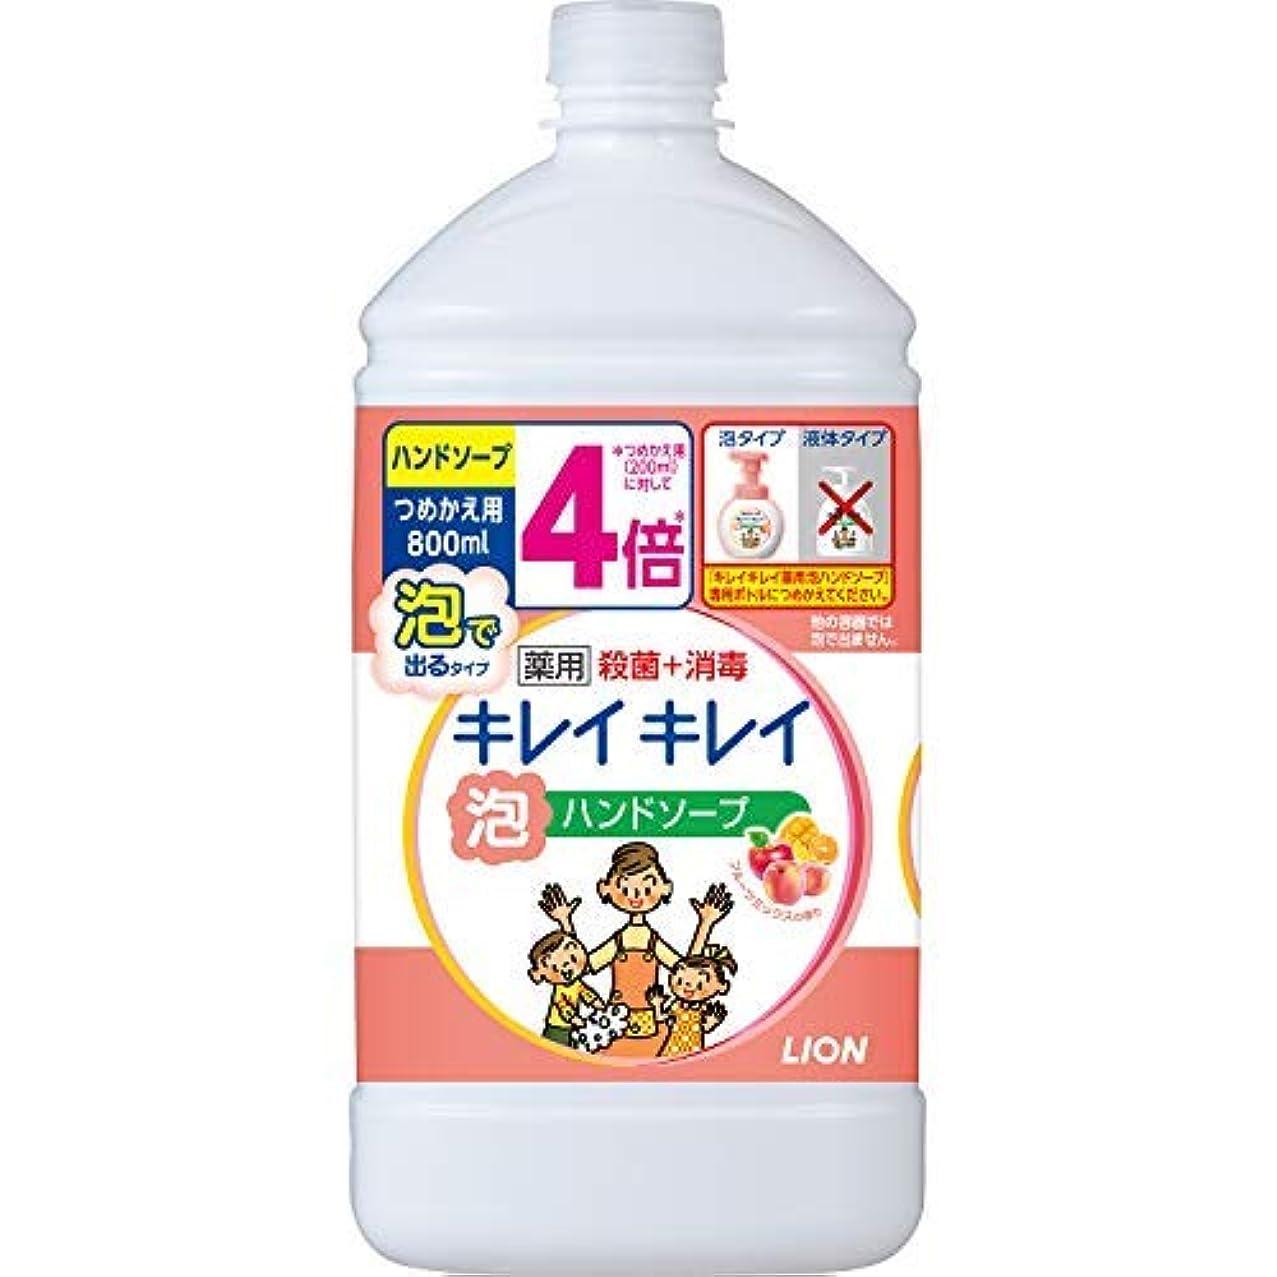 エンゲージメント四回怠惰キレイキレイ 薬用泡ハンドソープ つめかえ用特大サイズ フルーツミックス × 2個セット